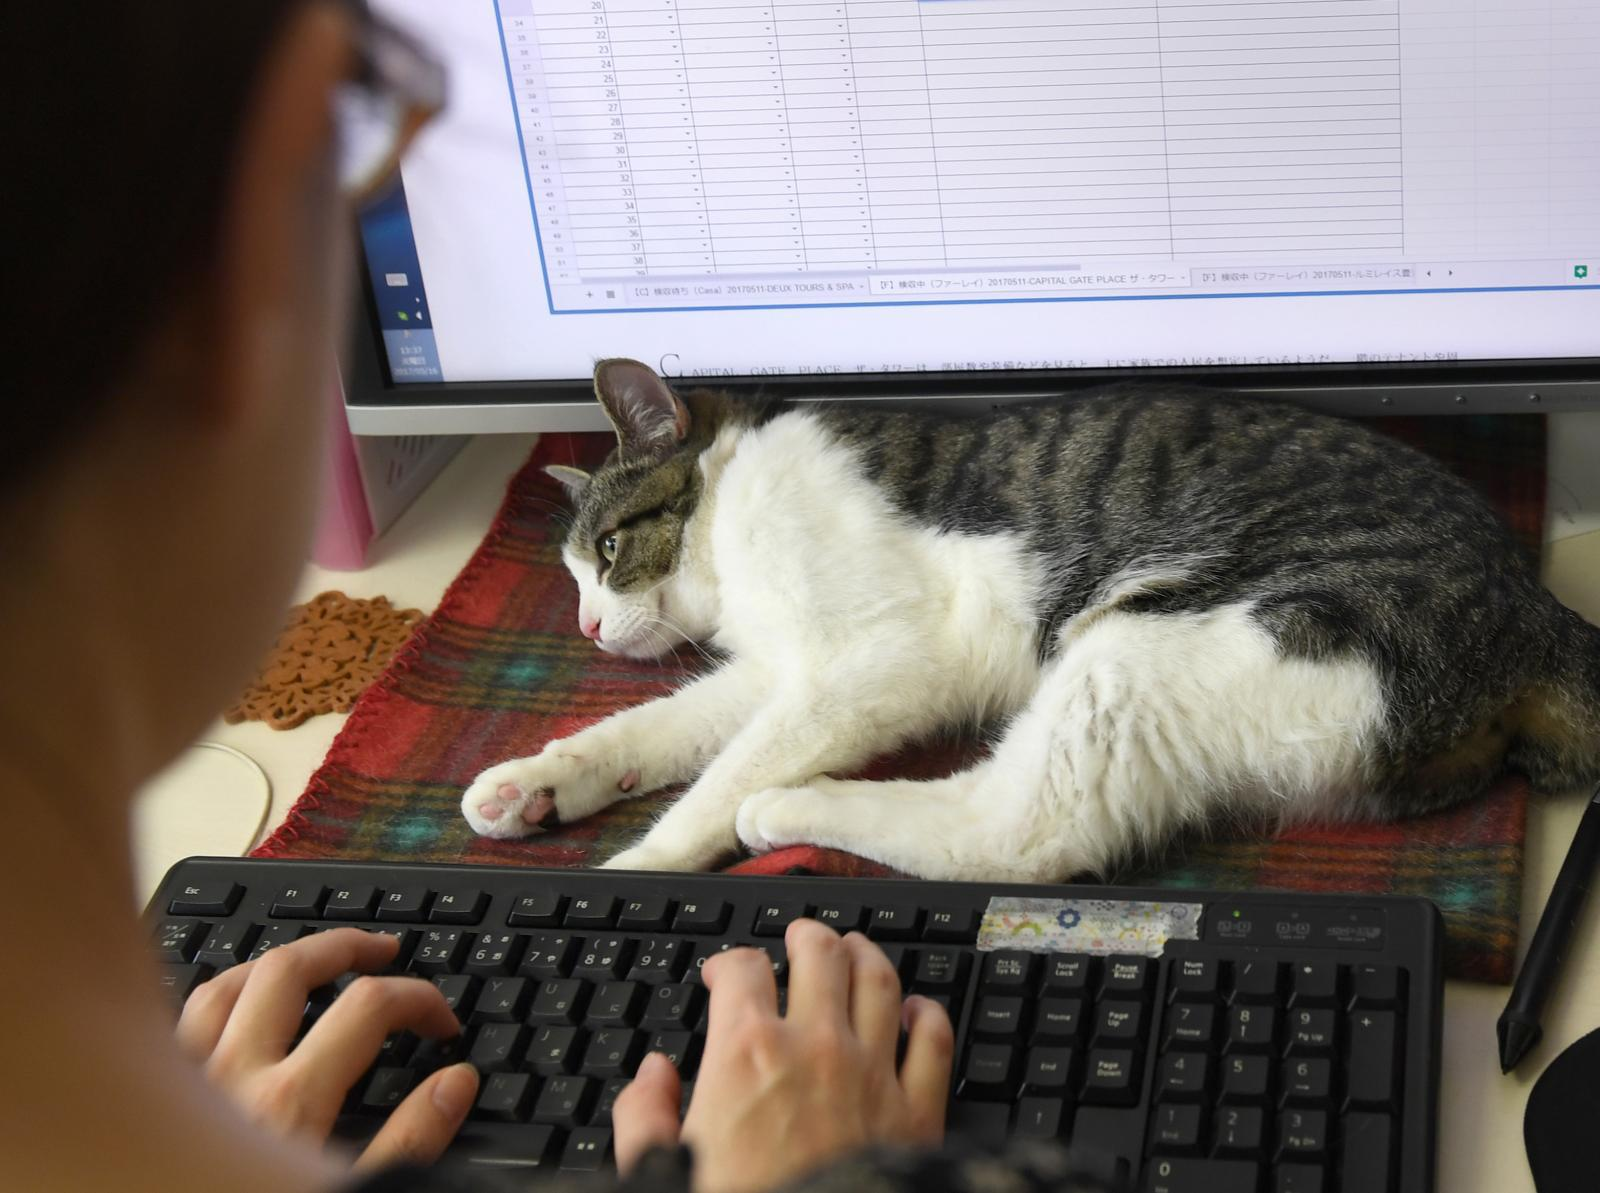 """ผลสำรวจ พบ คนญี่ปุ่นเสียค่าใช้จ่าย """"สุนัข-แมว"""" ปีละเกือบแสน"""